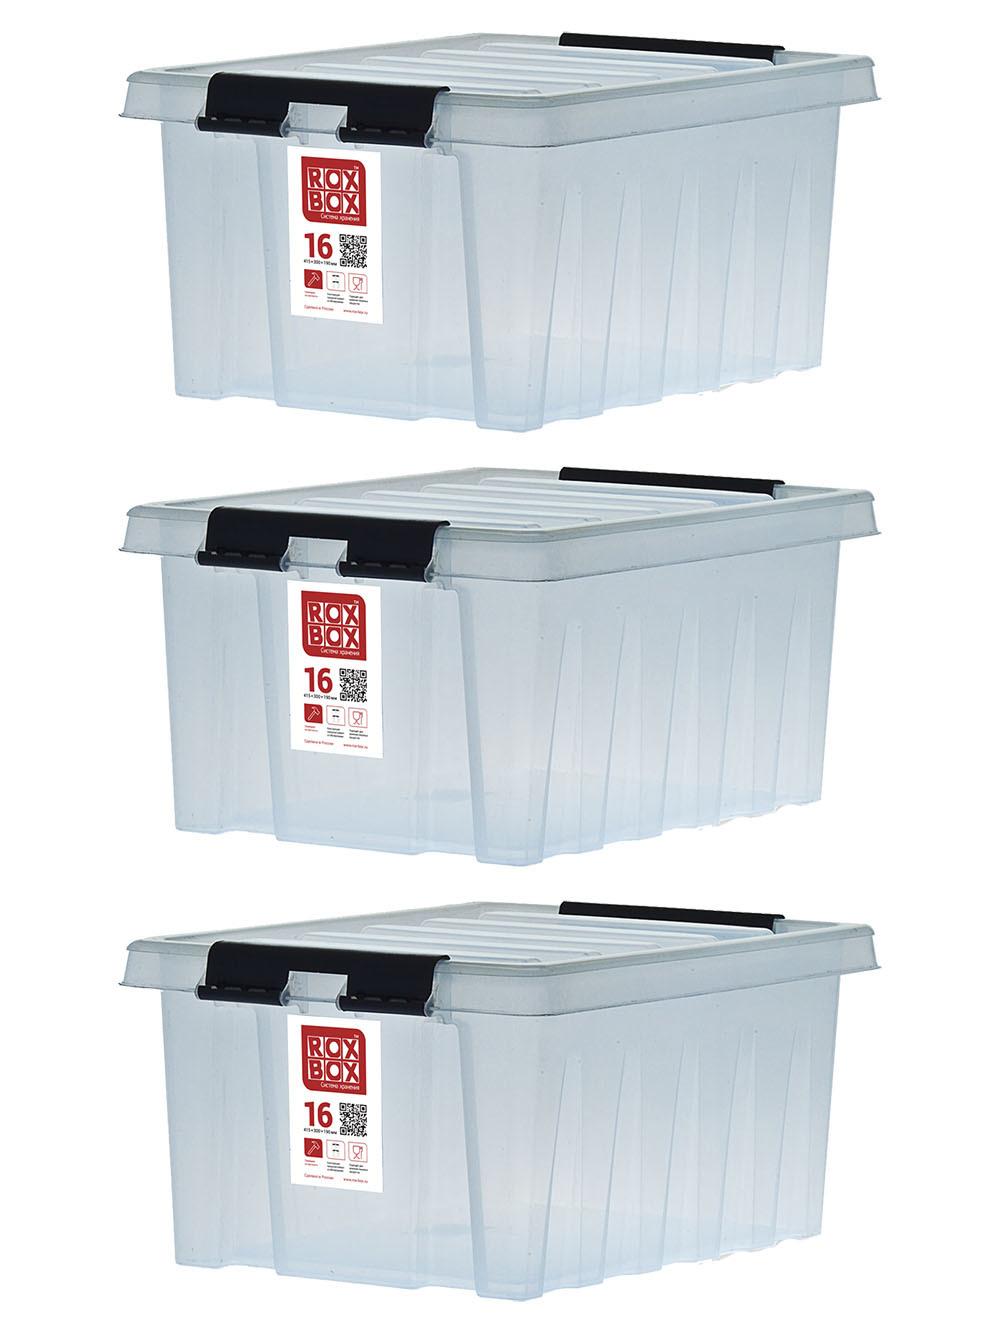 Ящик для хранения RoxBox с крышкой прозрачный 16 литров, набор из 3 штук ящик для хранения полимербыт с крышкой прозрачный пластик 16л